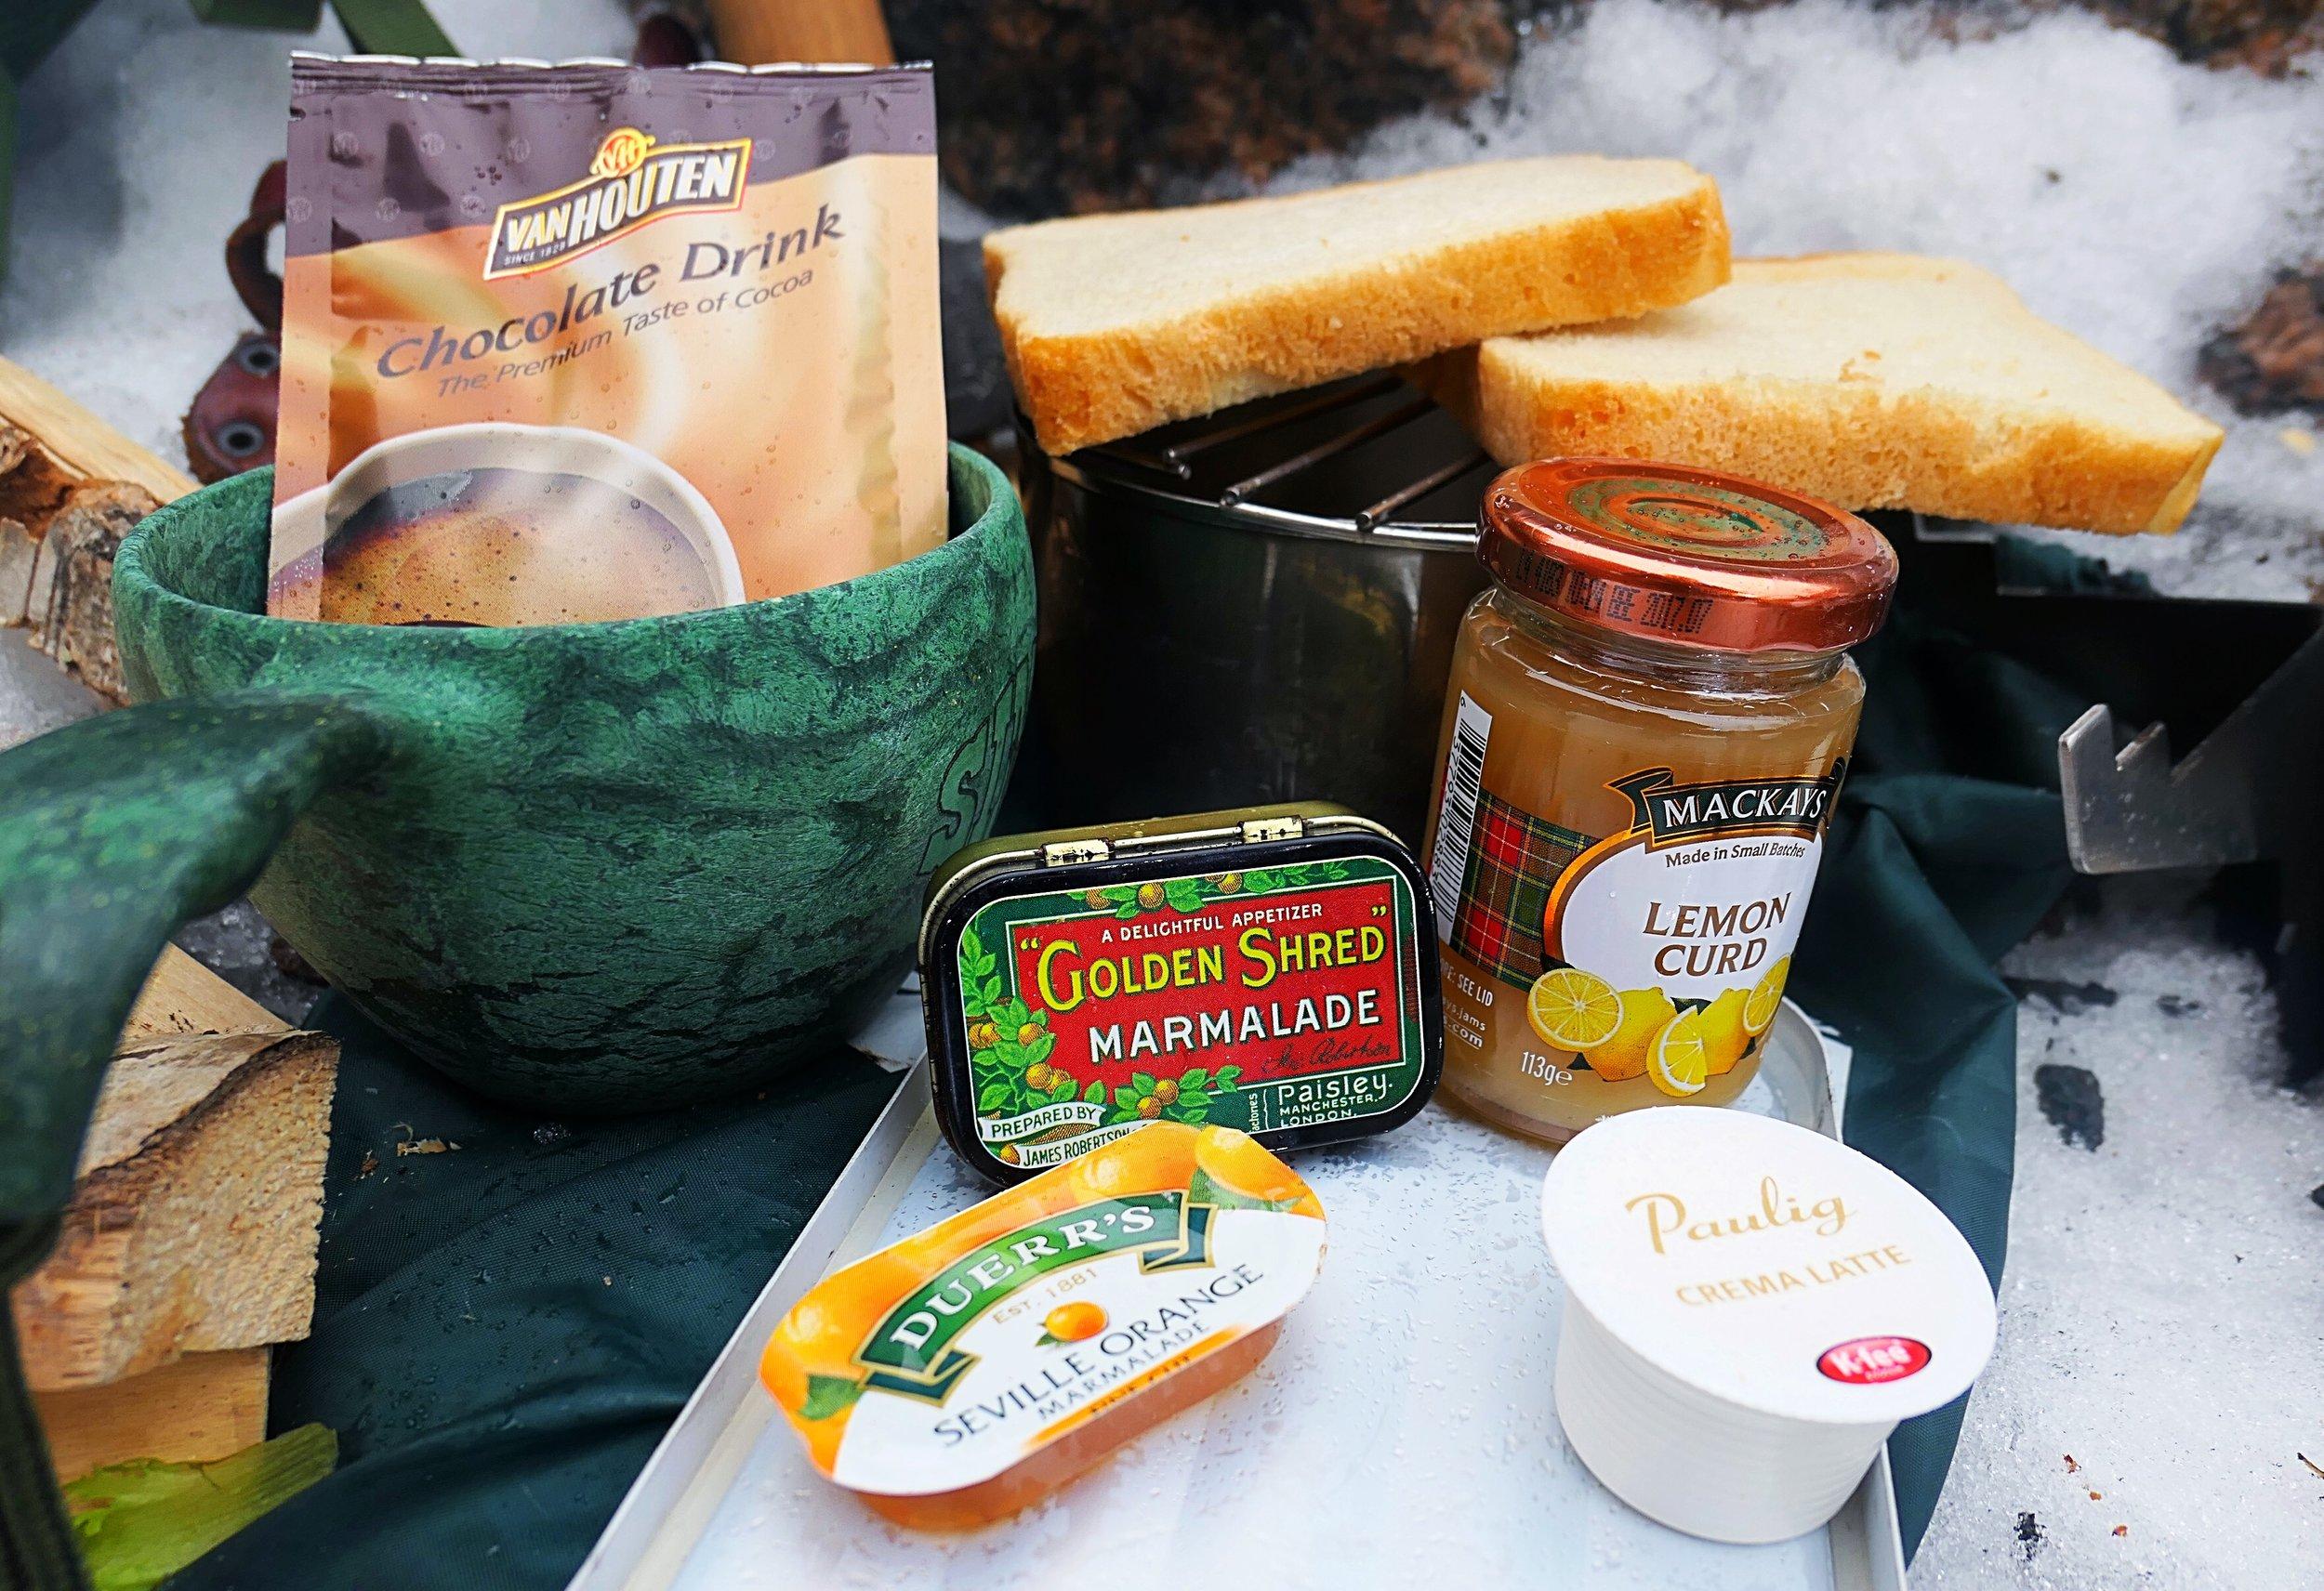 Briteistä hankittu retrorasia on nyt tarpeen, kun siellä kuskataan hotellin aamupalalta jäänyttä marmeladipakettia. Mutta mitä tehdään metsässä kahvikoneen kapselilla?